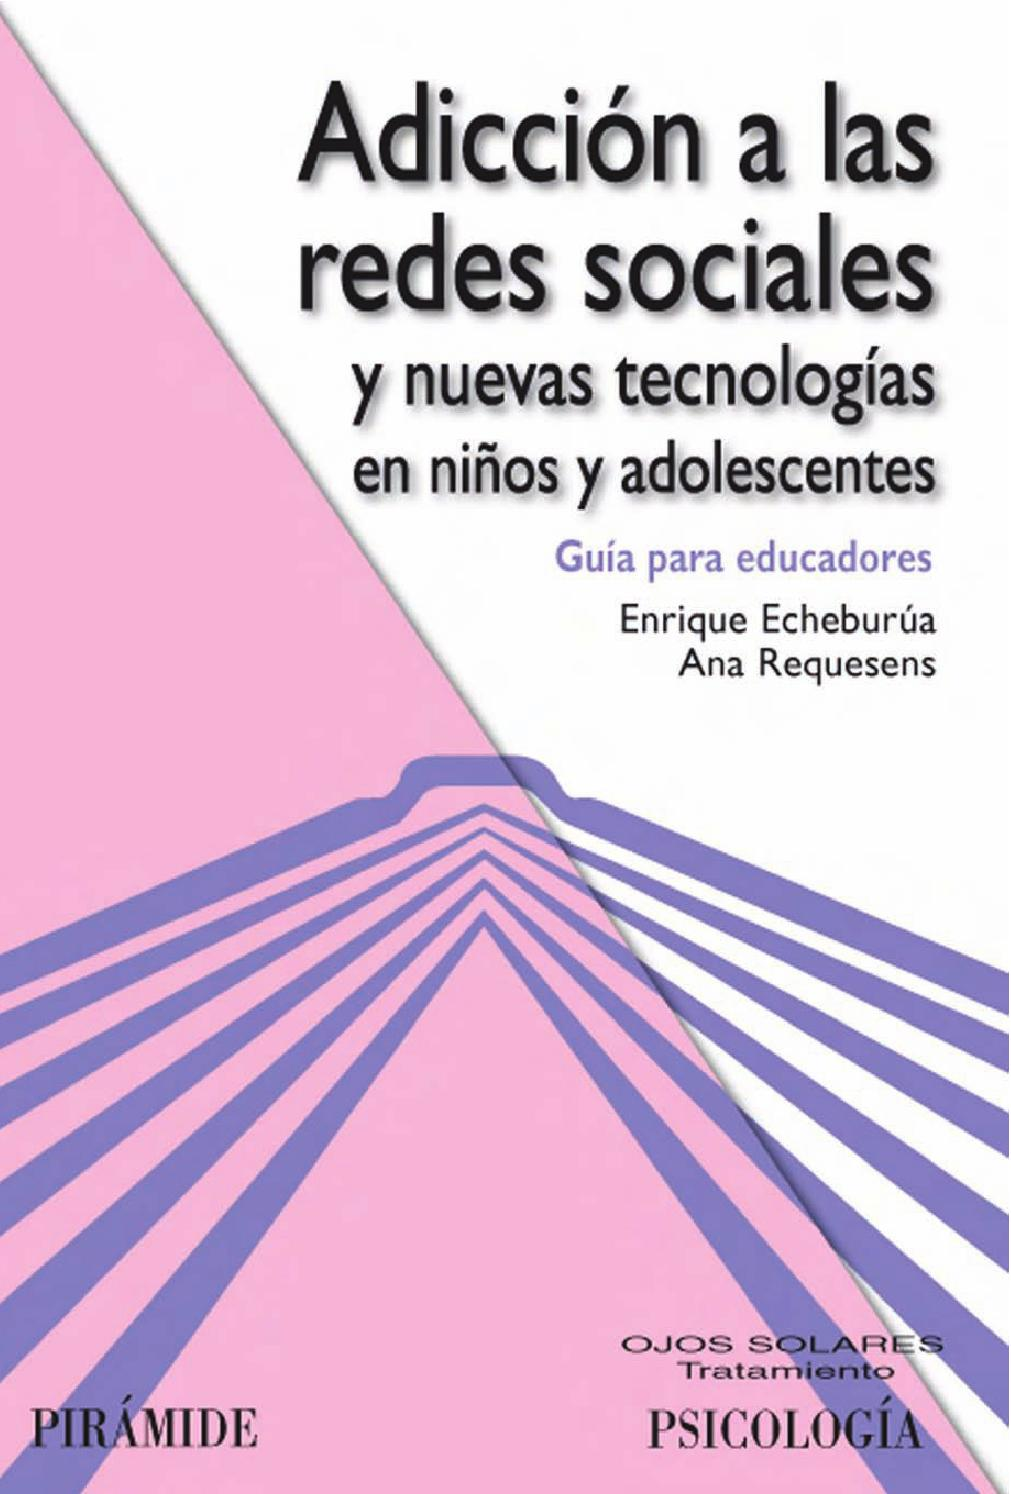 7529f124a2f78 ADICCIÓN A LAS REDES SOCIALES y nuevas tecnologías en niños y adolescentes  by Hans Gutierrez - issuu